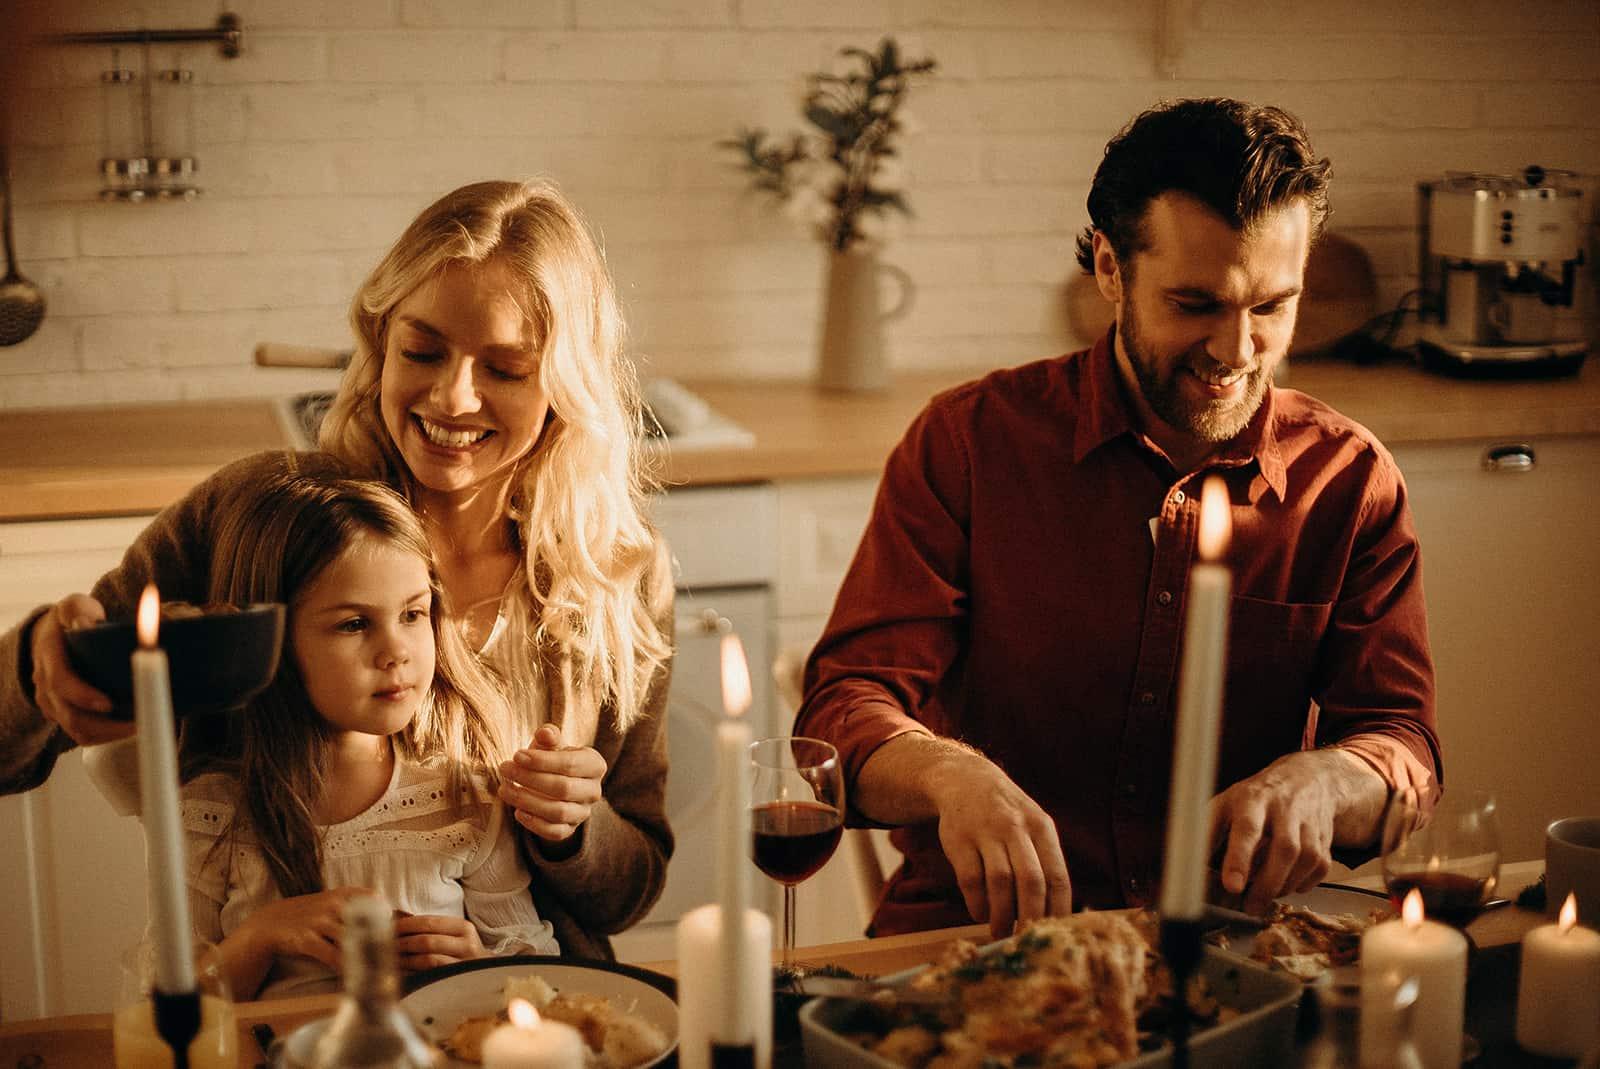 Eine glückliche Familie, die zu Hause zu Abend isst